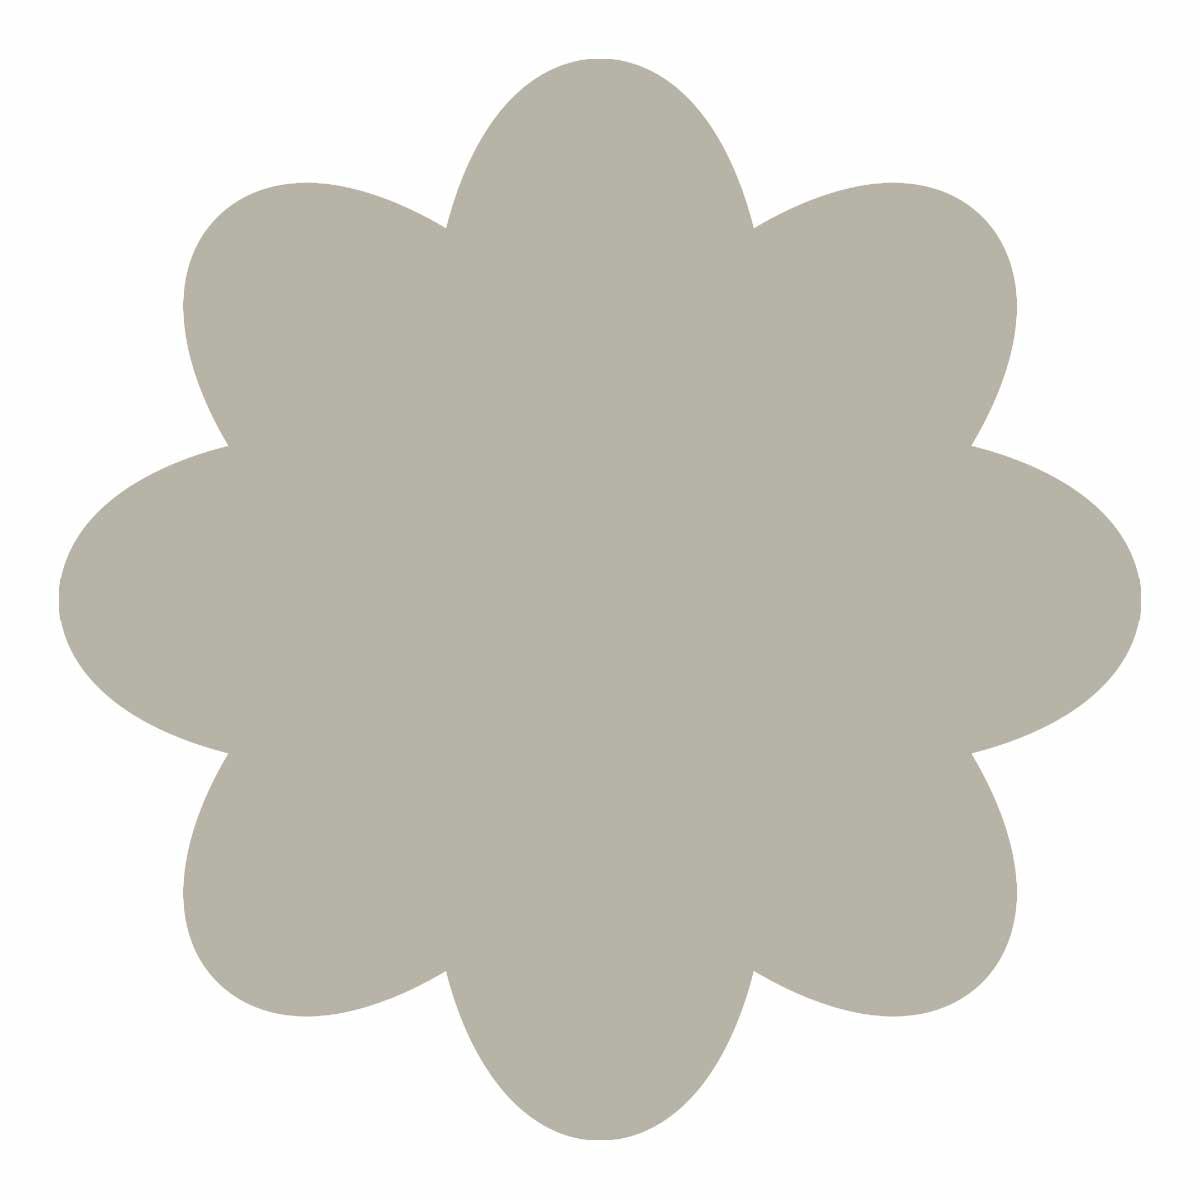 Delta Ceramcoat ® Acrylic Paint - Sand Dune, 2 oz. - 04080